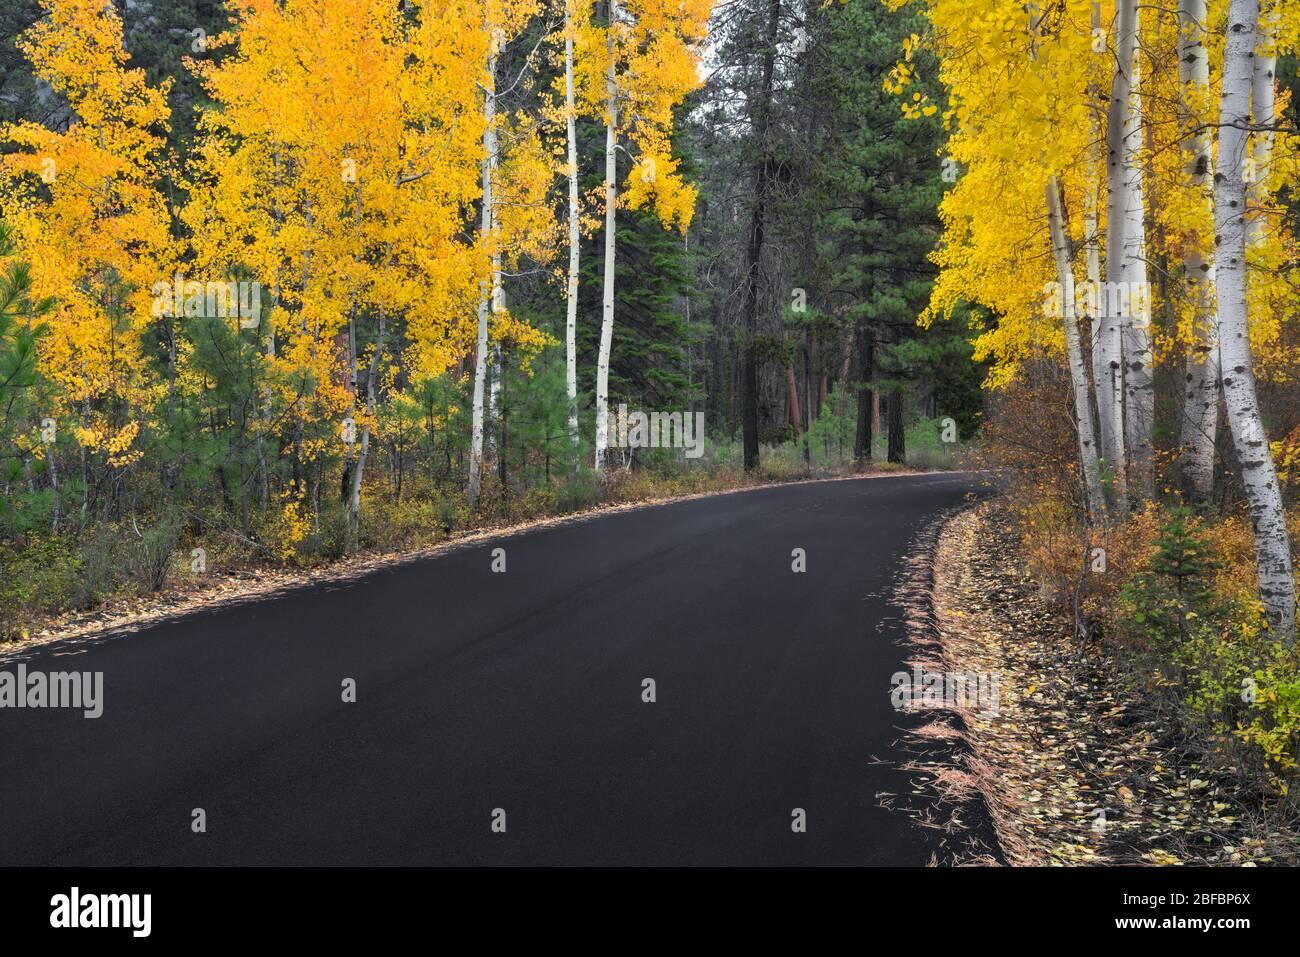 Des arbres à trembles qui changent l'automne bordent la route vers le Ranch Black Butte du centre de l'Oregon. Banque D'Images